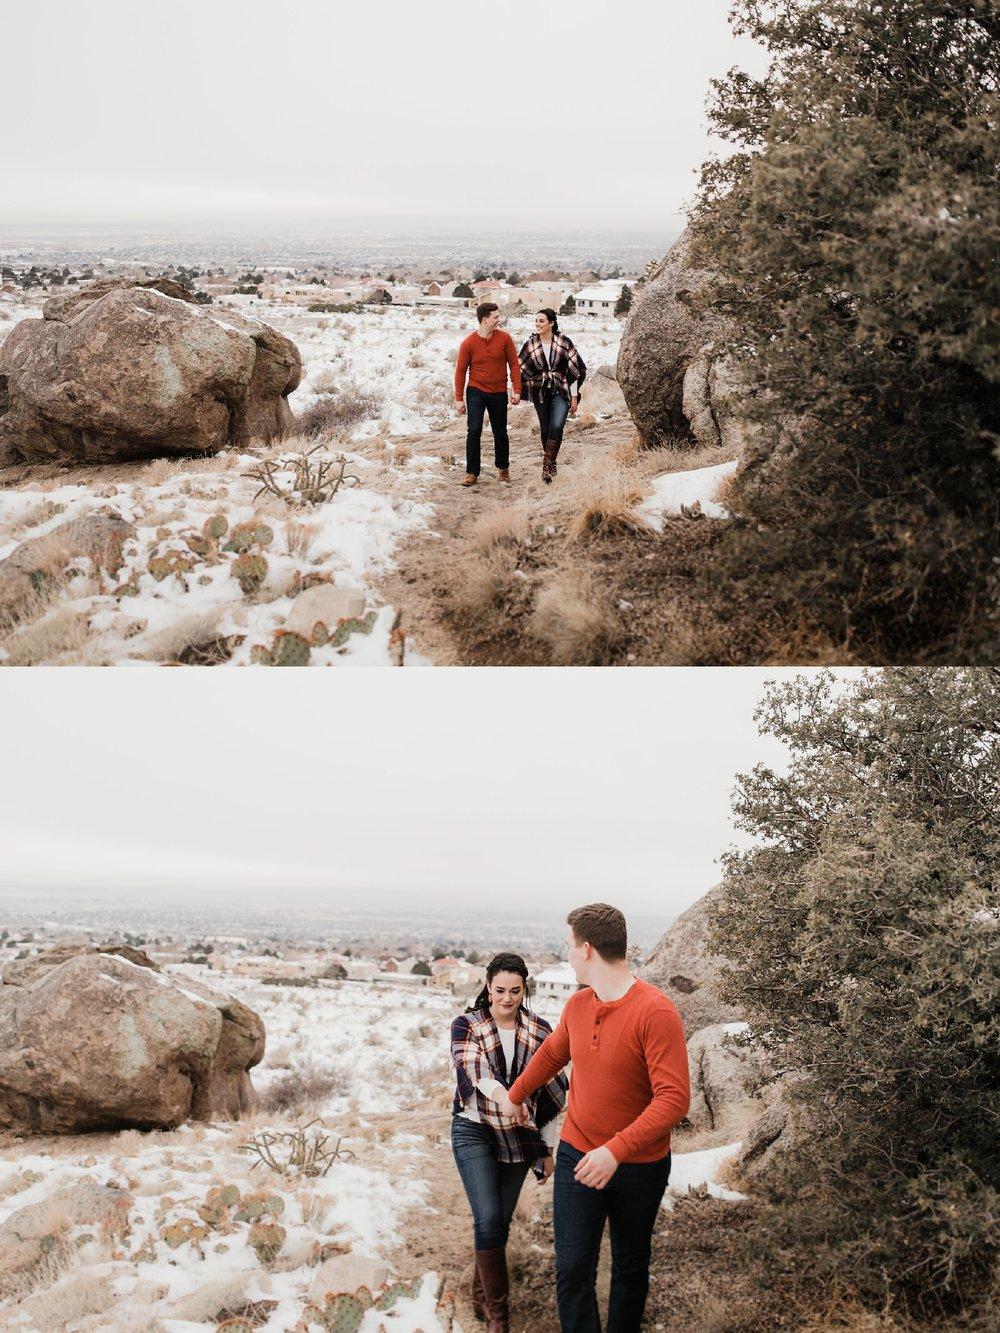 Alicia+lucia+photography+-+albuquerque+wedding+photographer+-+santa+fe+wedding+photography+-+new+mexico+wedding+photographer+-+new+mexico+wedding+-+engagement+-+albuquerque+engagement+-+winter+engagement+-+hyatt+tamaya+wedding_0010.jpg